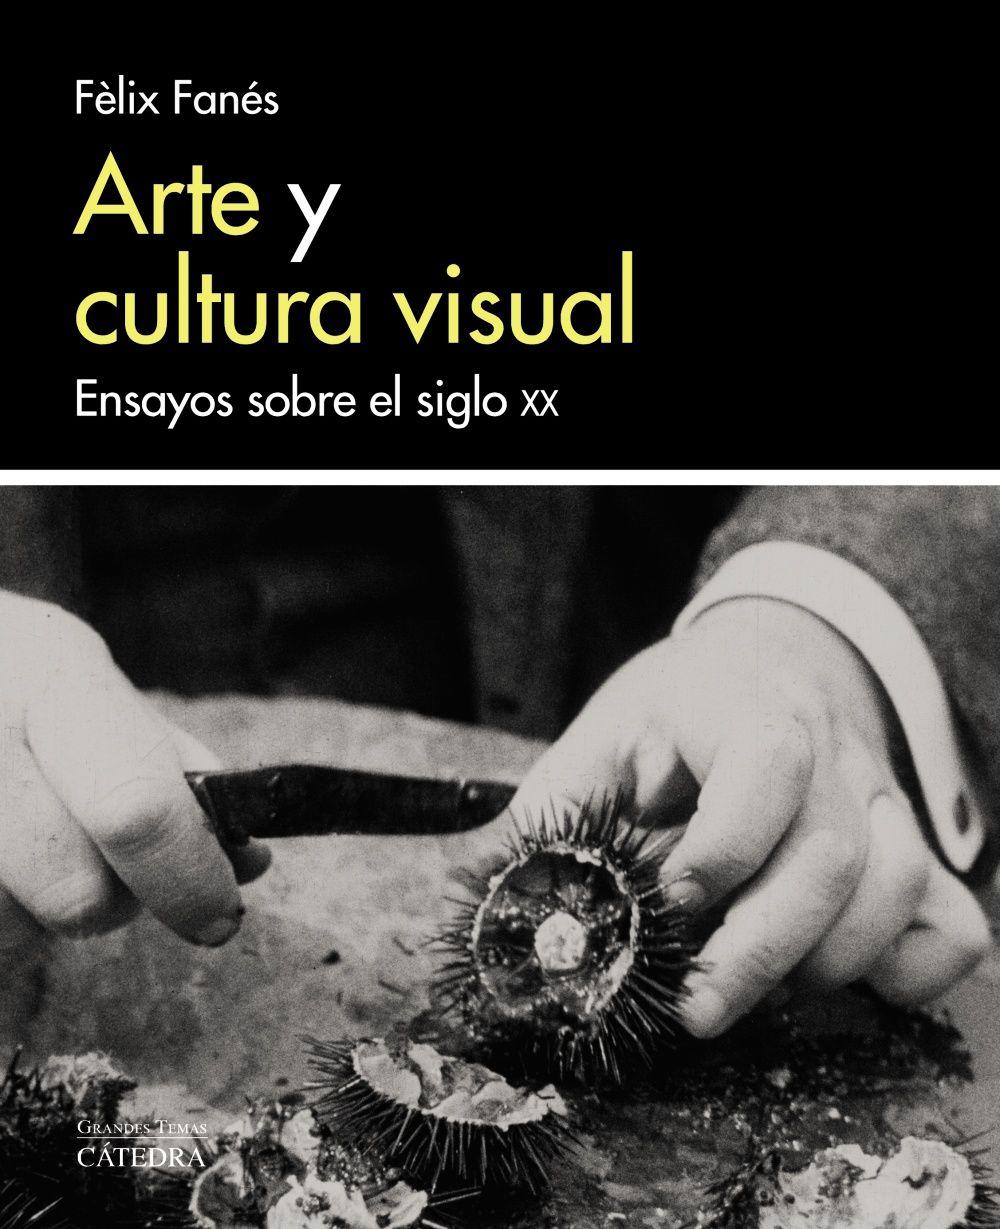 ARTE Y CULTURA VISUAL